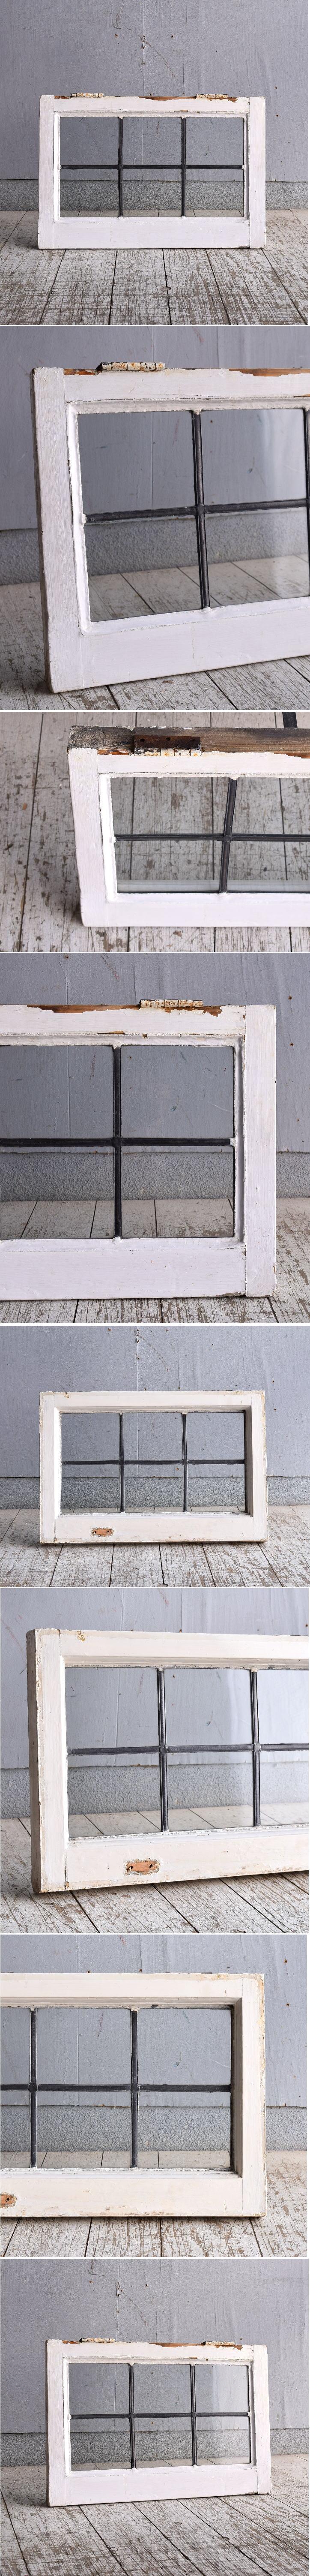 イギリス アンティーク 窓 無色透明 9265